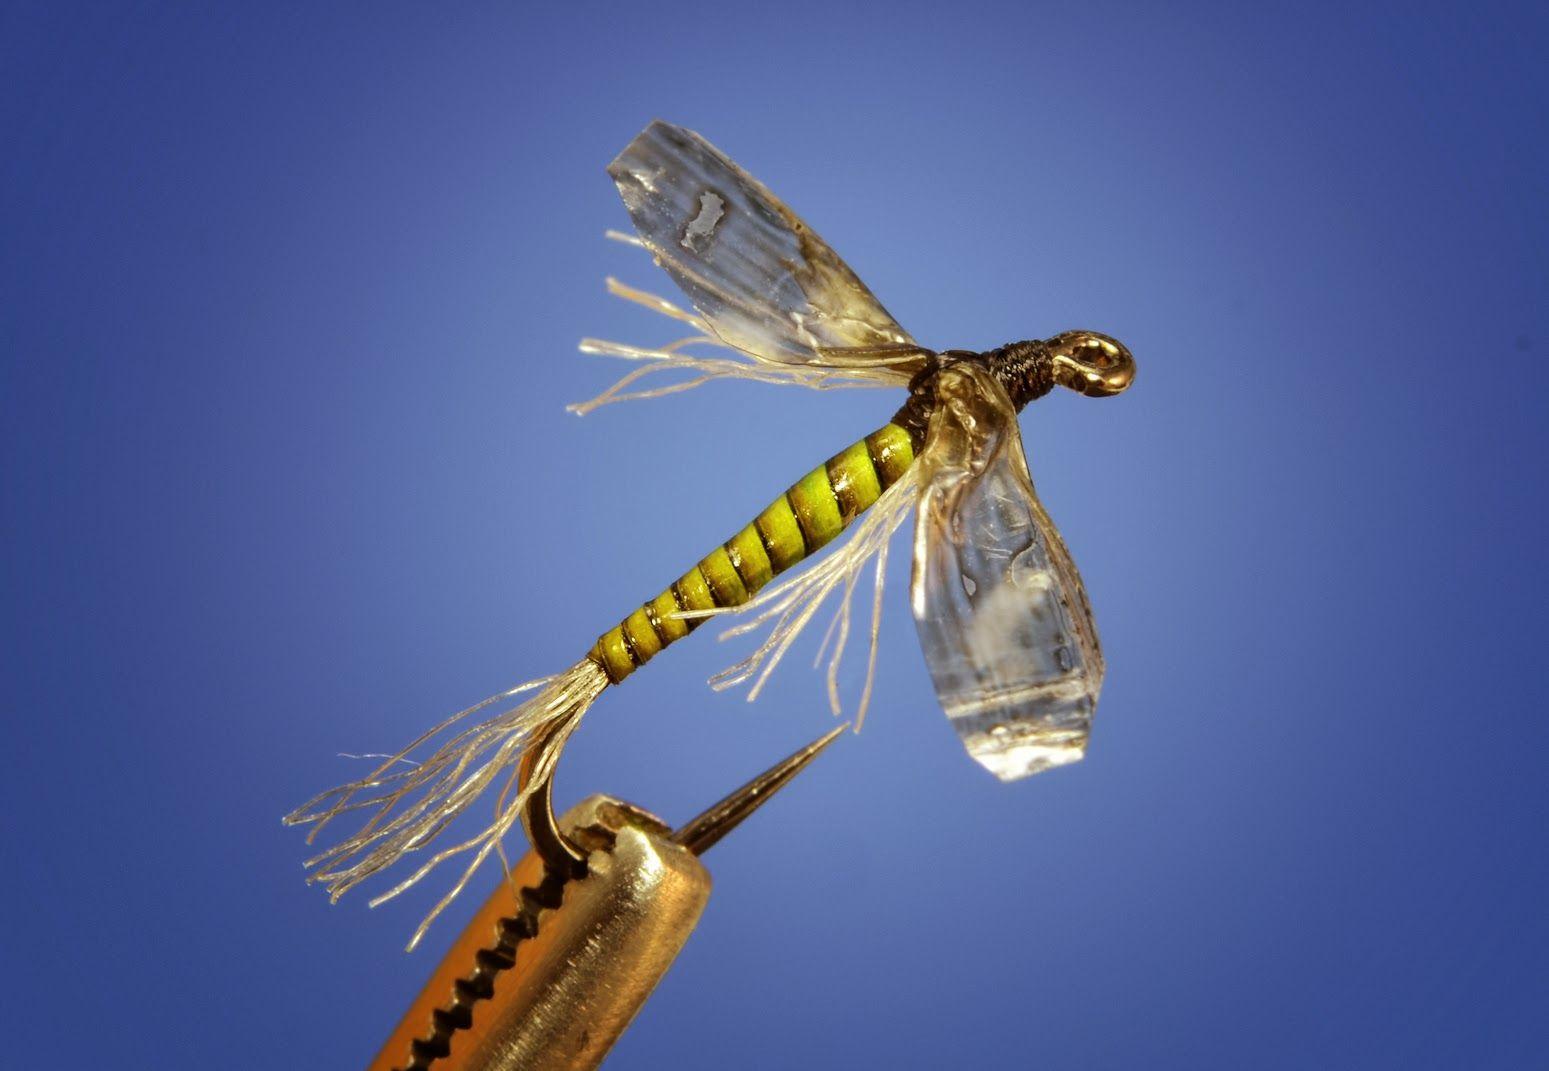 Midge Fly Patterns Amazing Inspiration